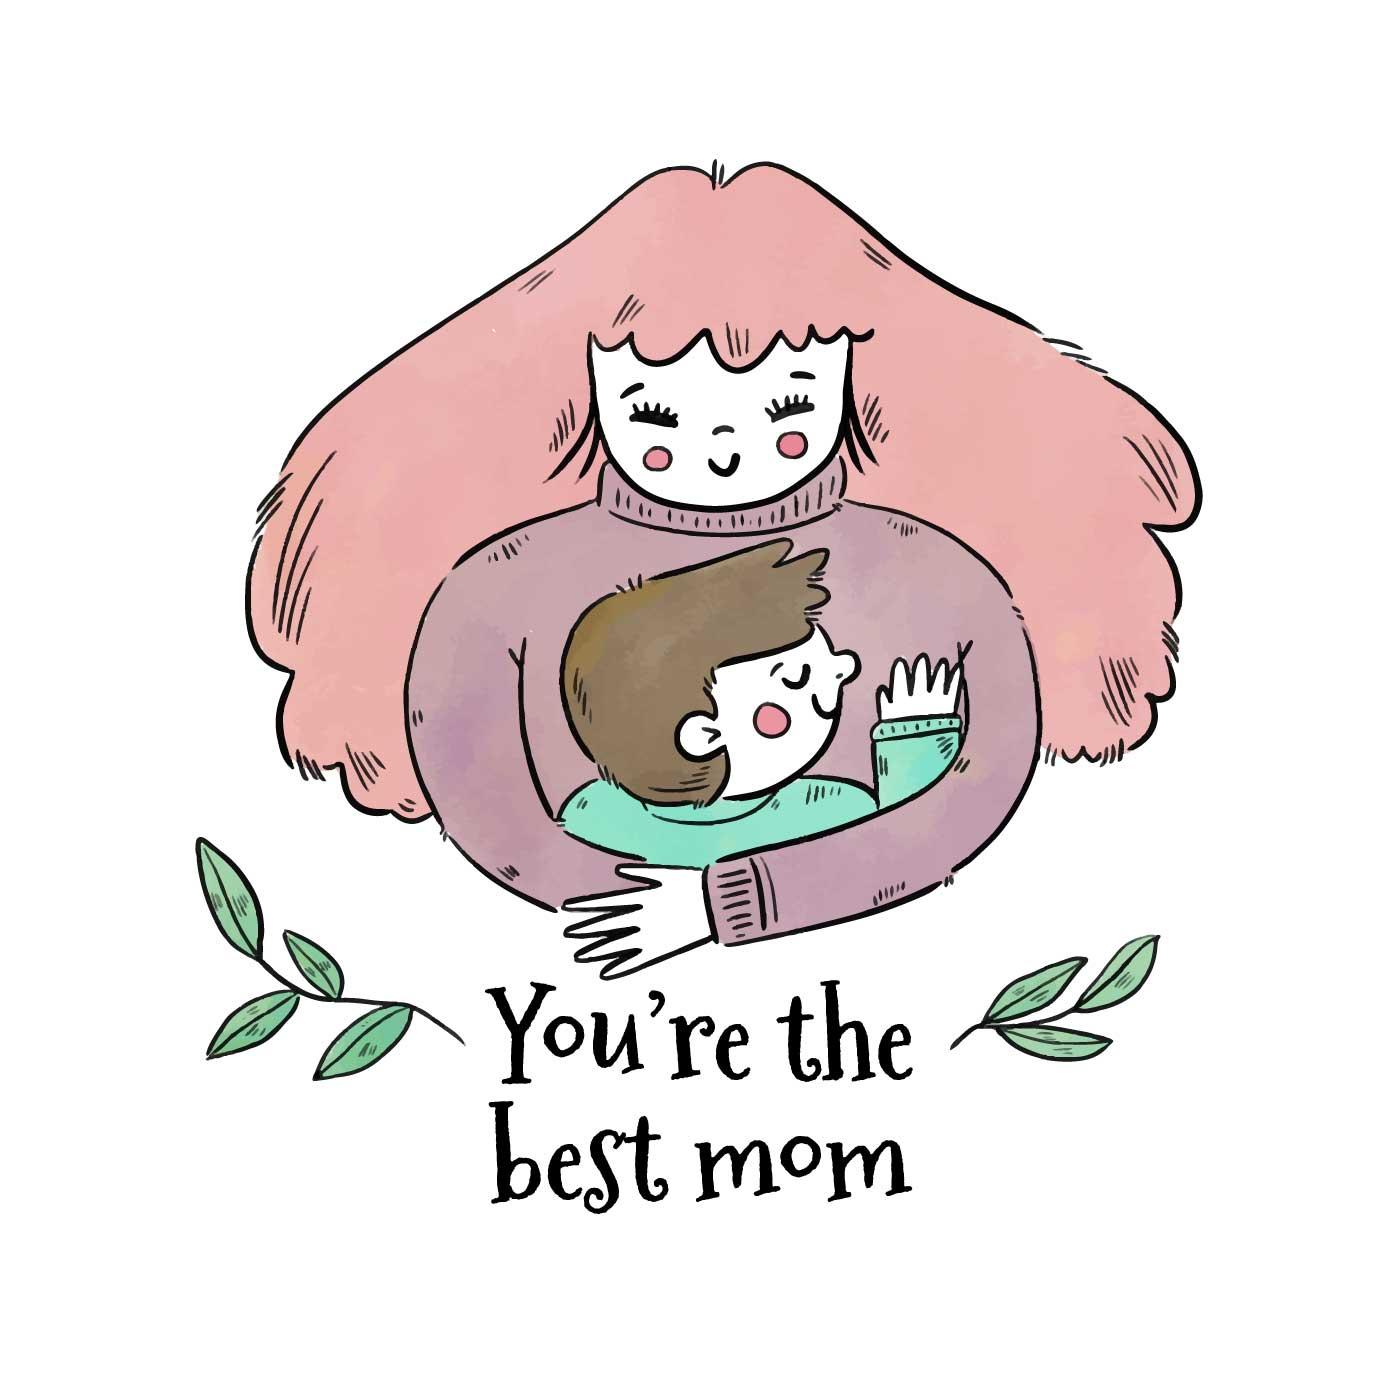 母親節插畫 免費下載   天天瘋後製